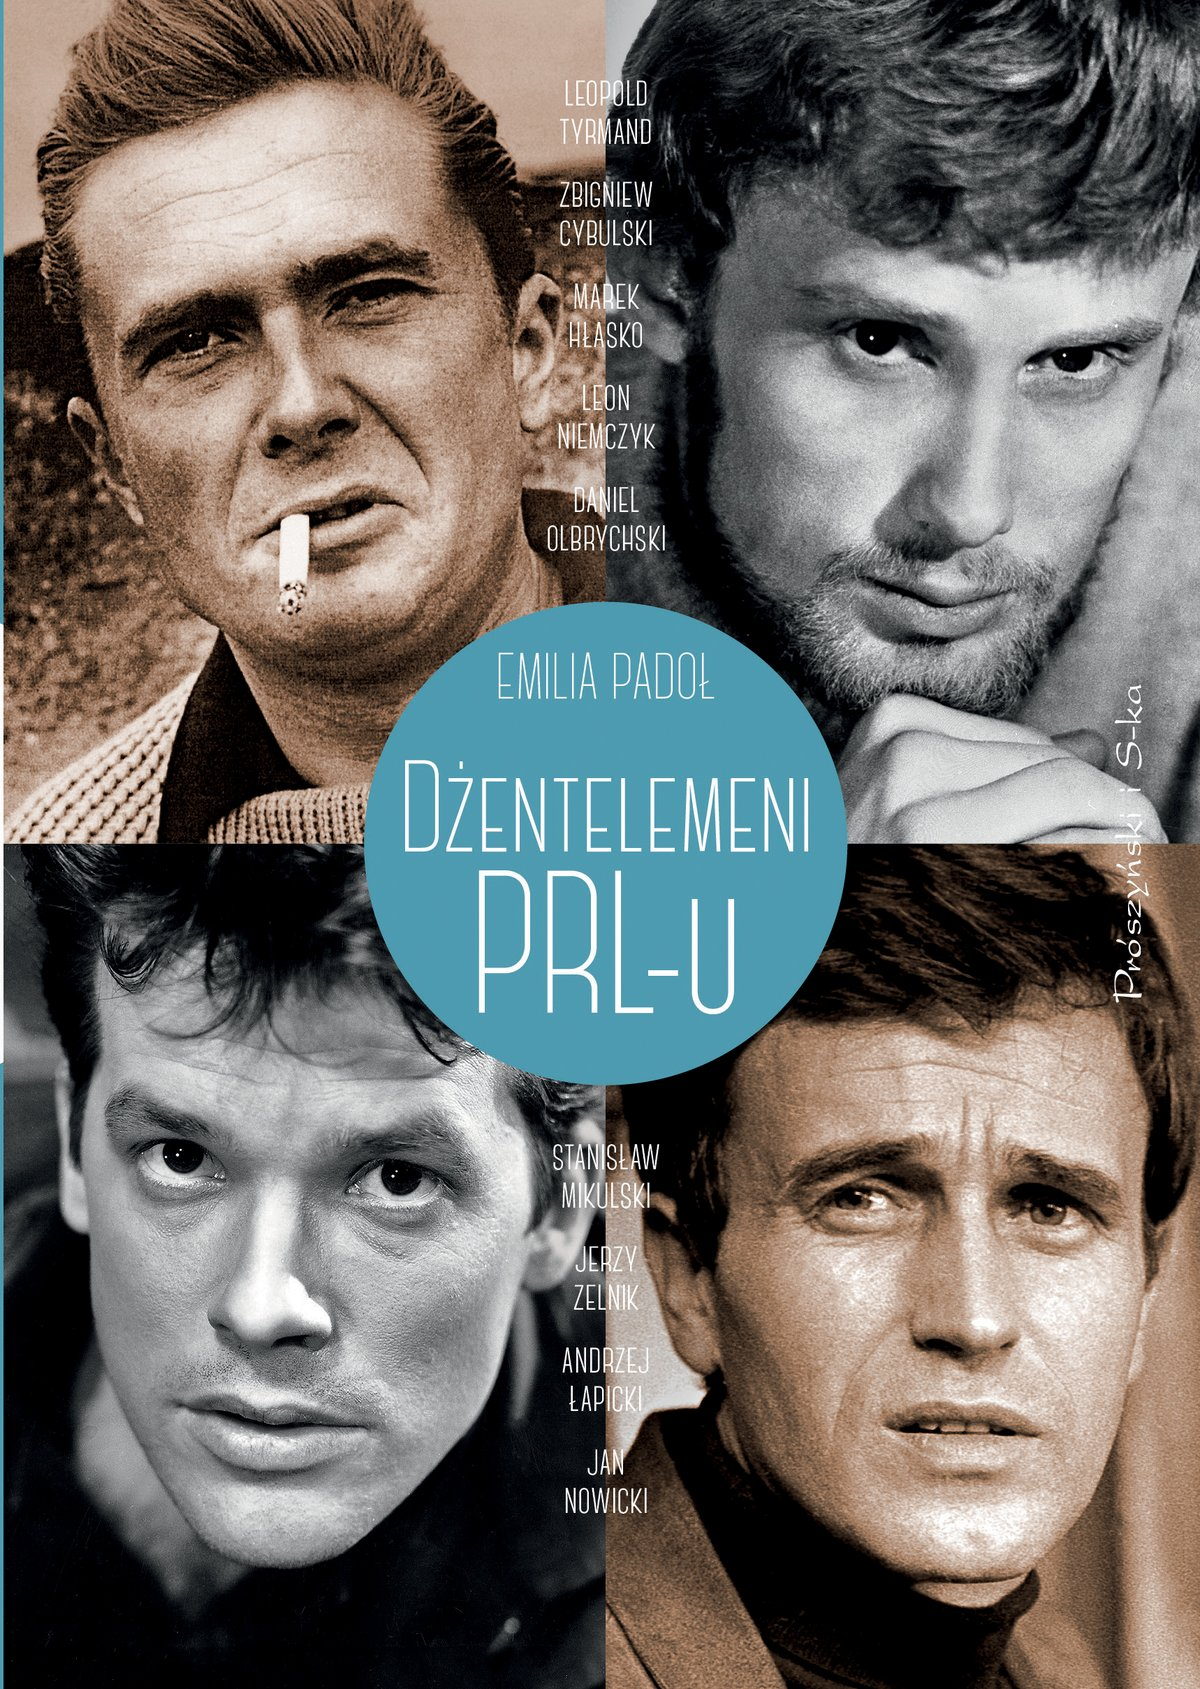 Dżentelmeni PRL-u - Ebook (Książka EPUB) do pobrania w formacie EPUB